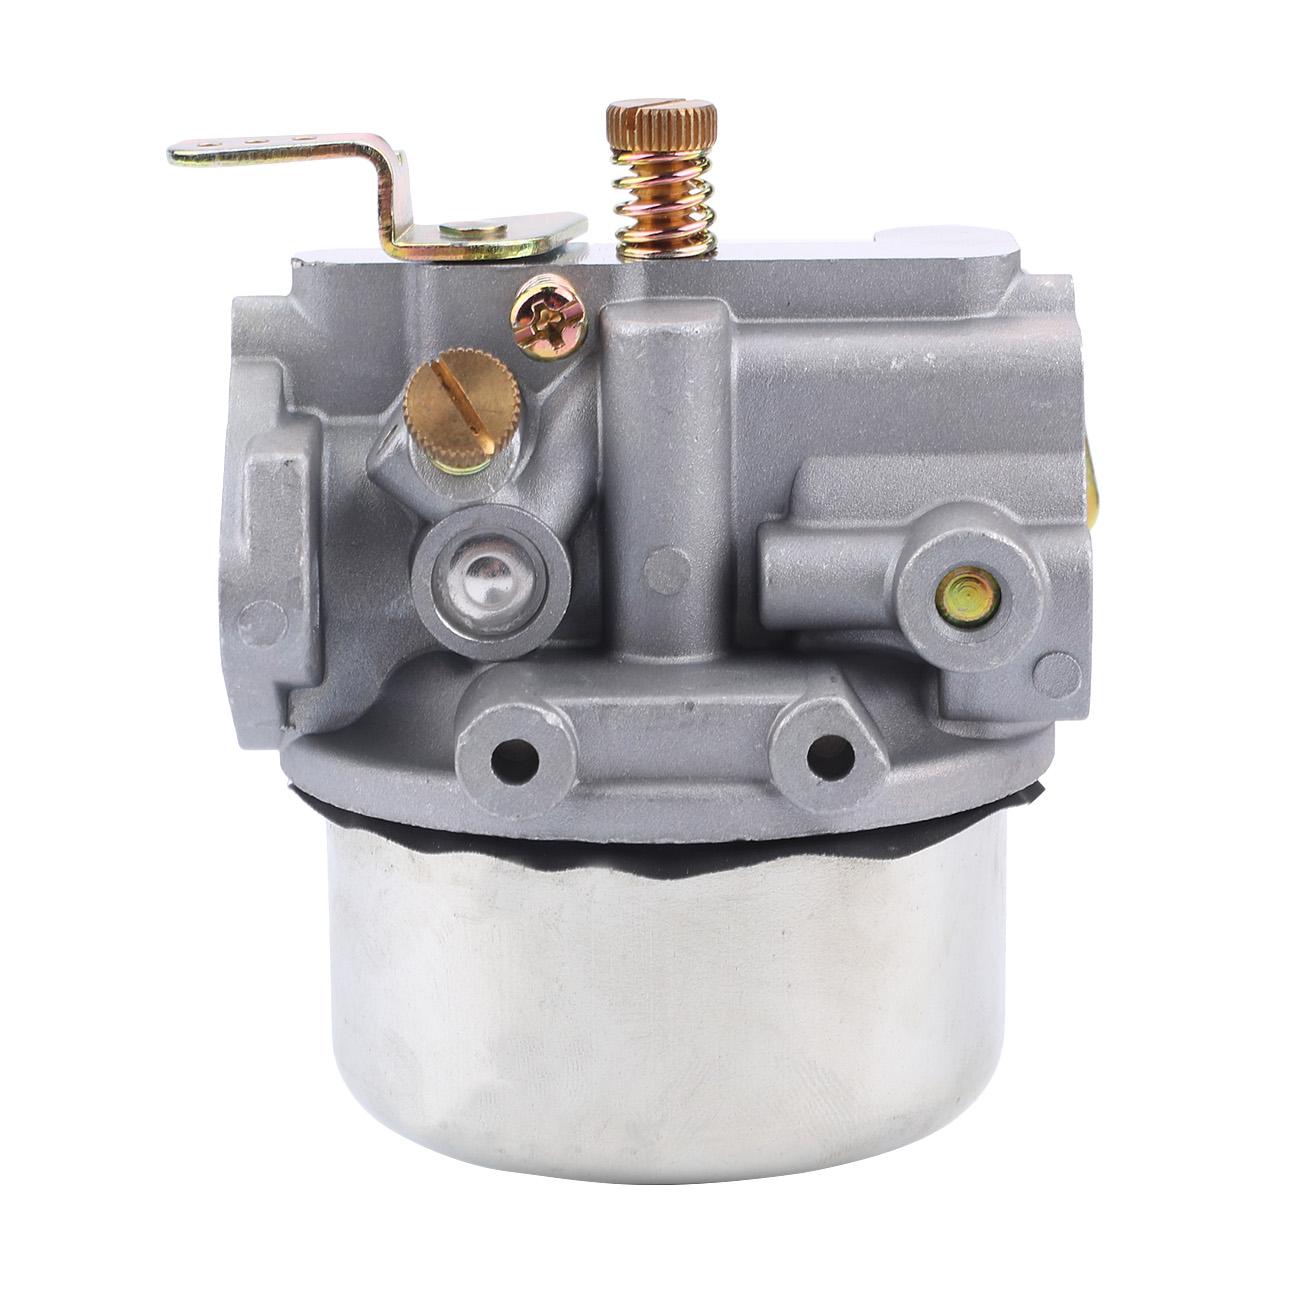 Carburetor for Carter #16 Carb K90 K91 K141 K160 K161 K181 Engine Motor Replaces 46 853 01-S 46 053 03-S